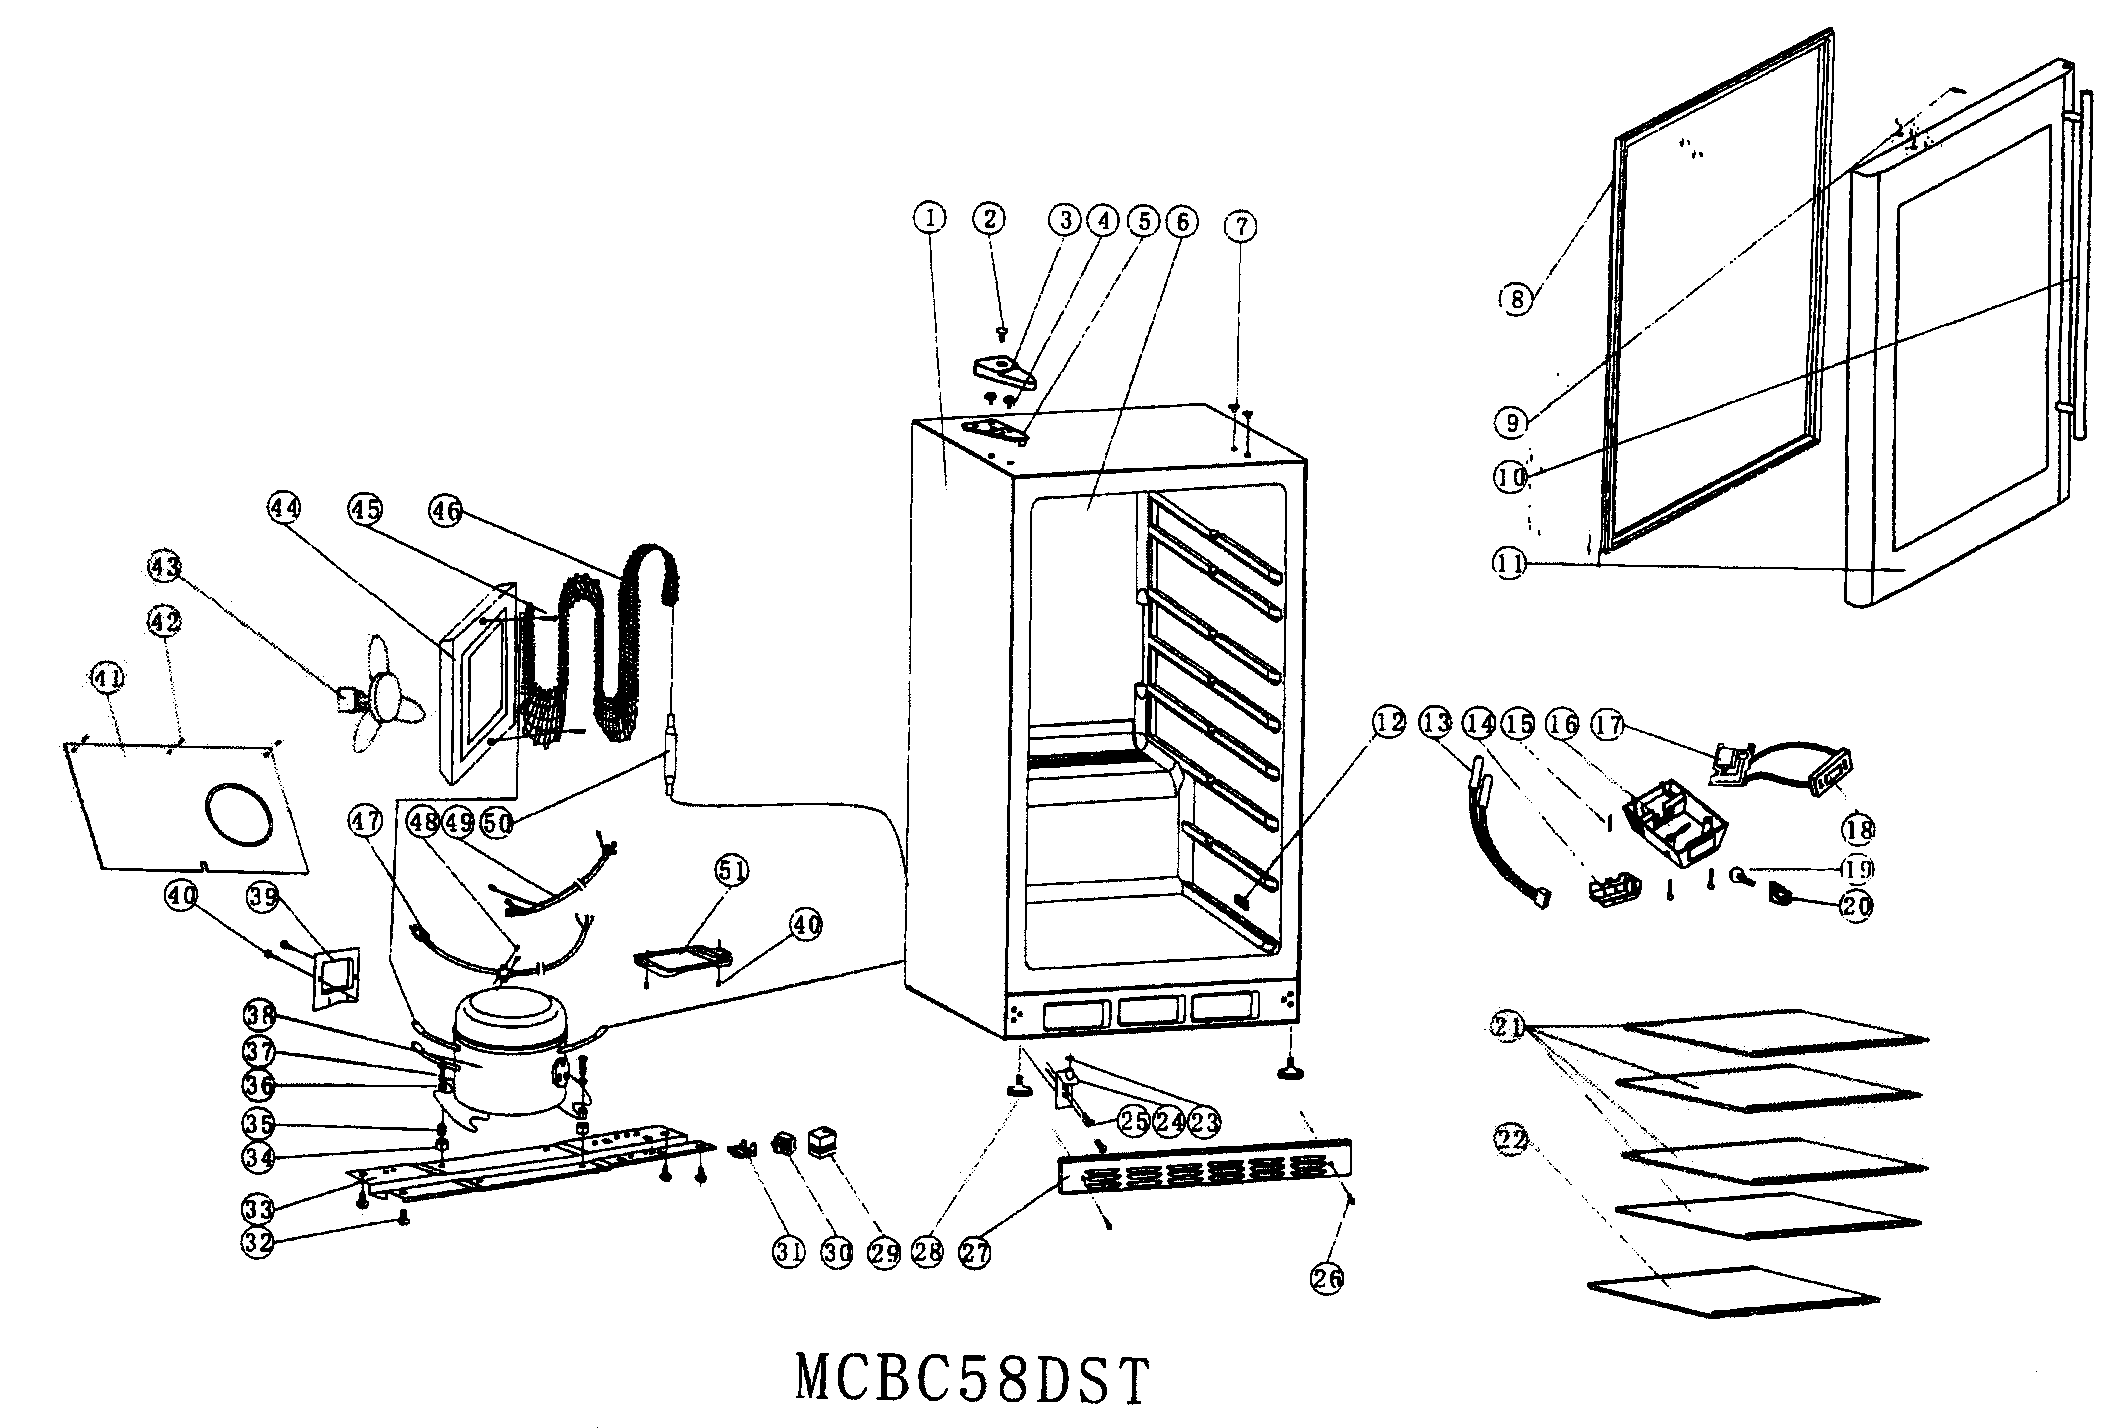 CABINET PARTS Diagram & Parts List for Model MCBC58DST